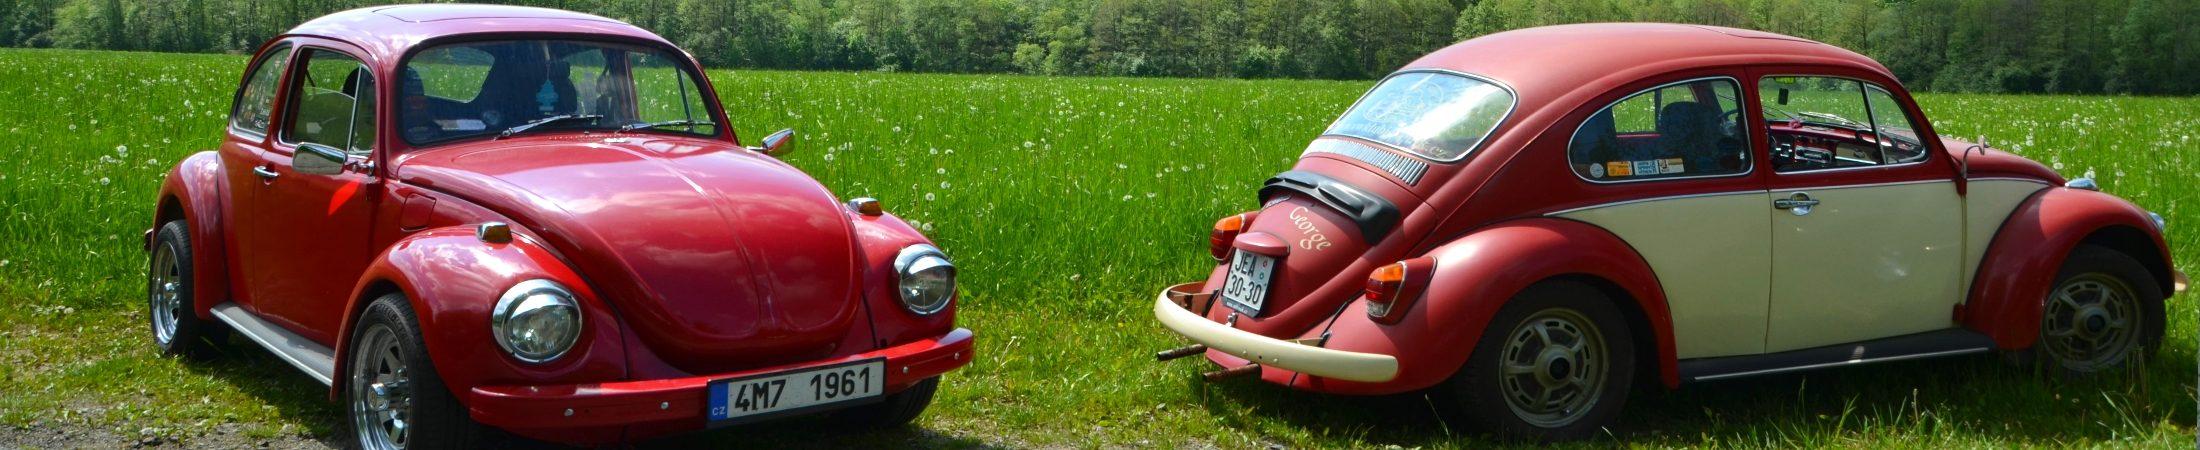 VW KLUB JESENÍK – Vítejte na klubových stránkách nadšenců vzduchem chlazených vozů Volkswagen